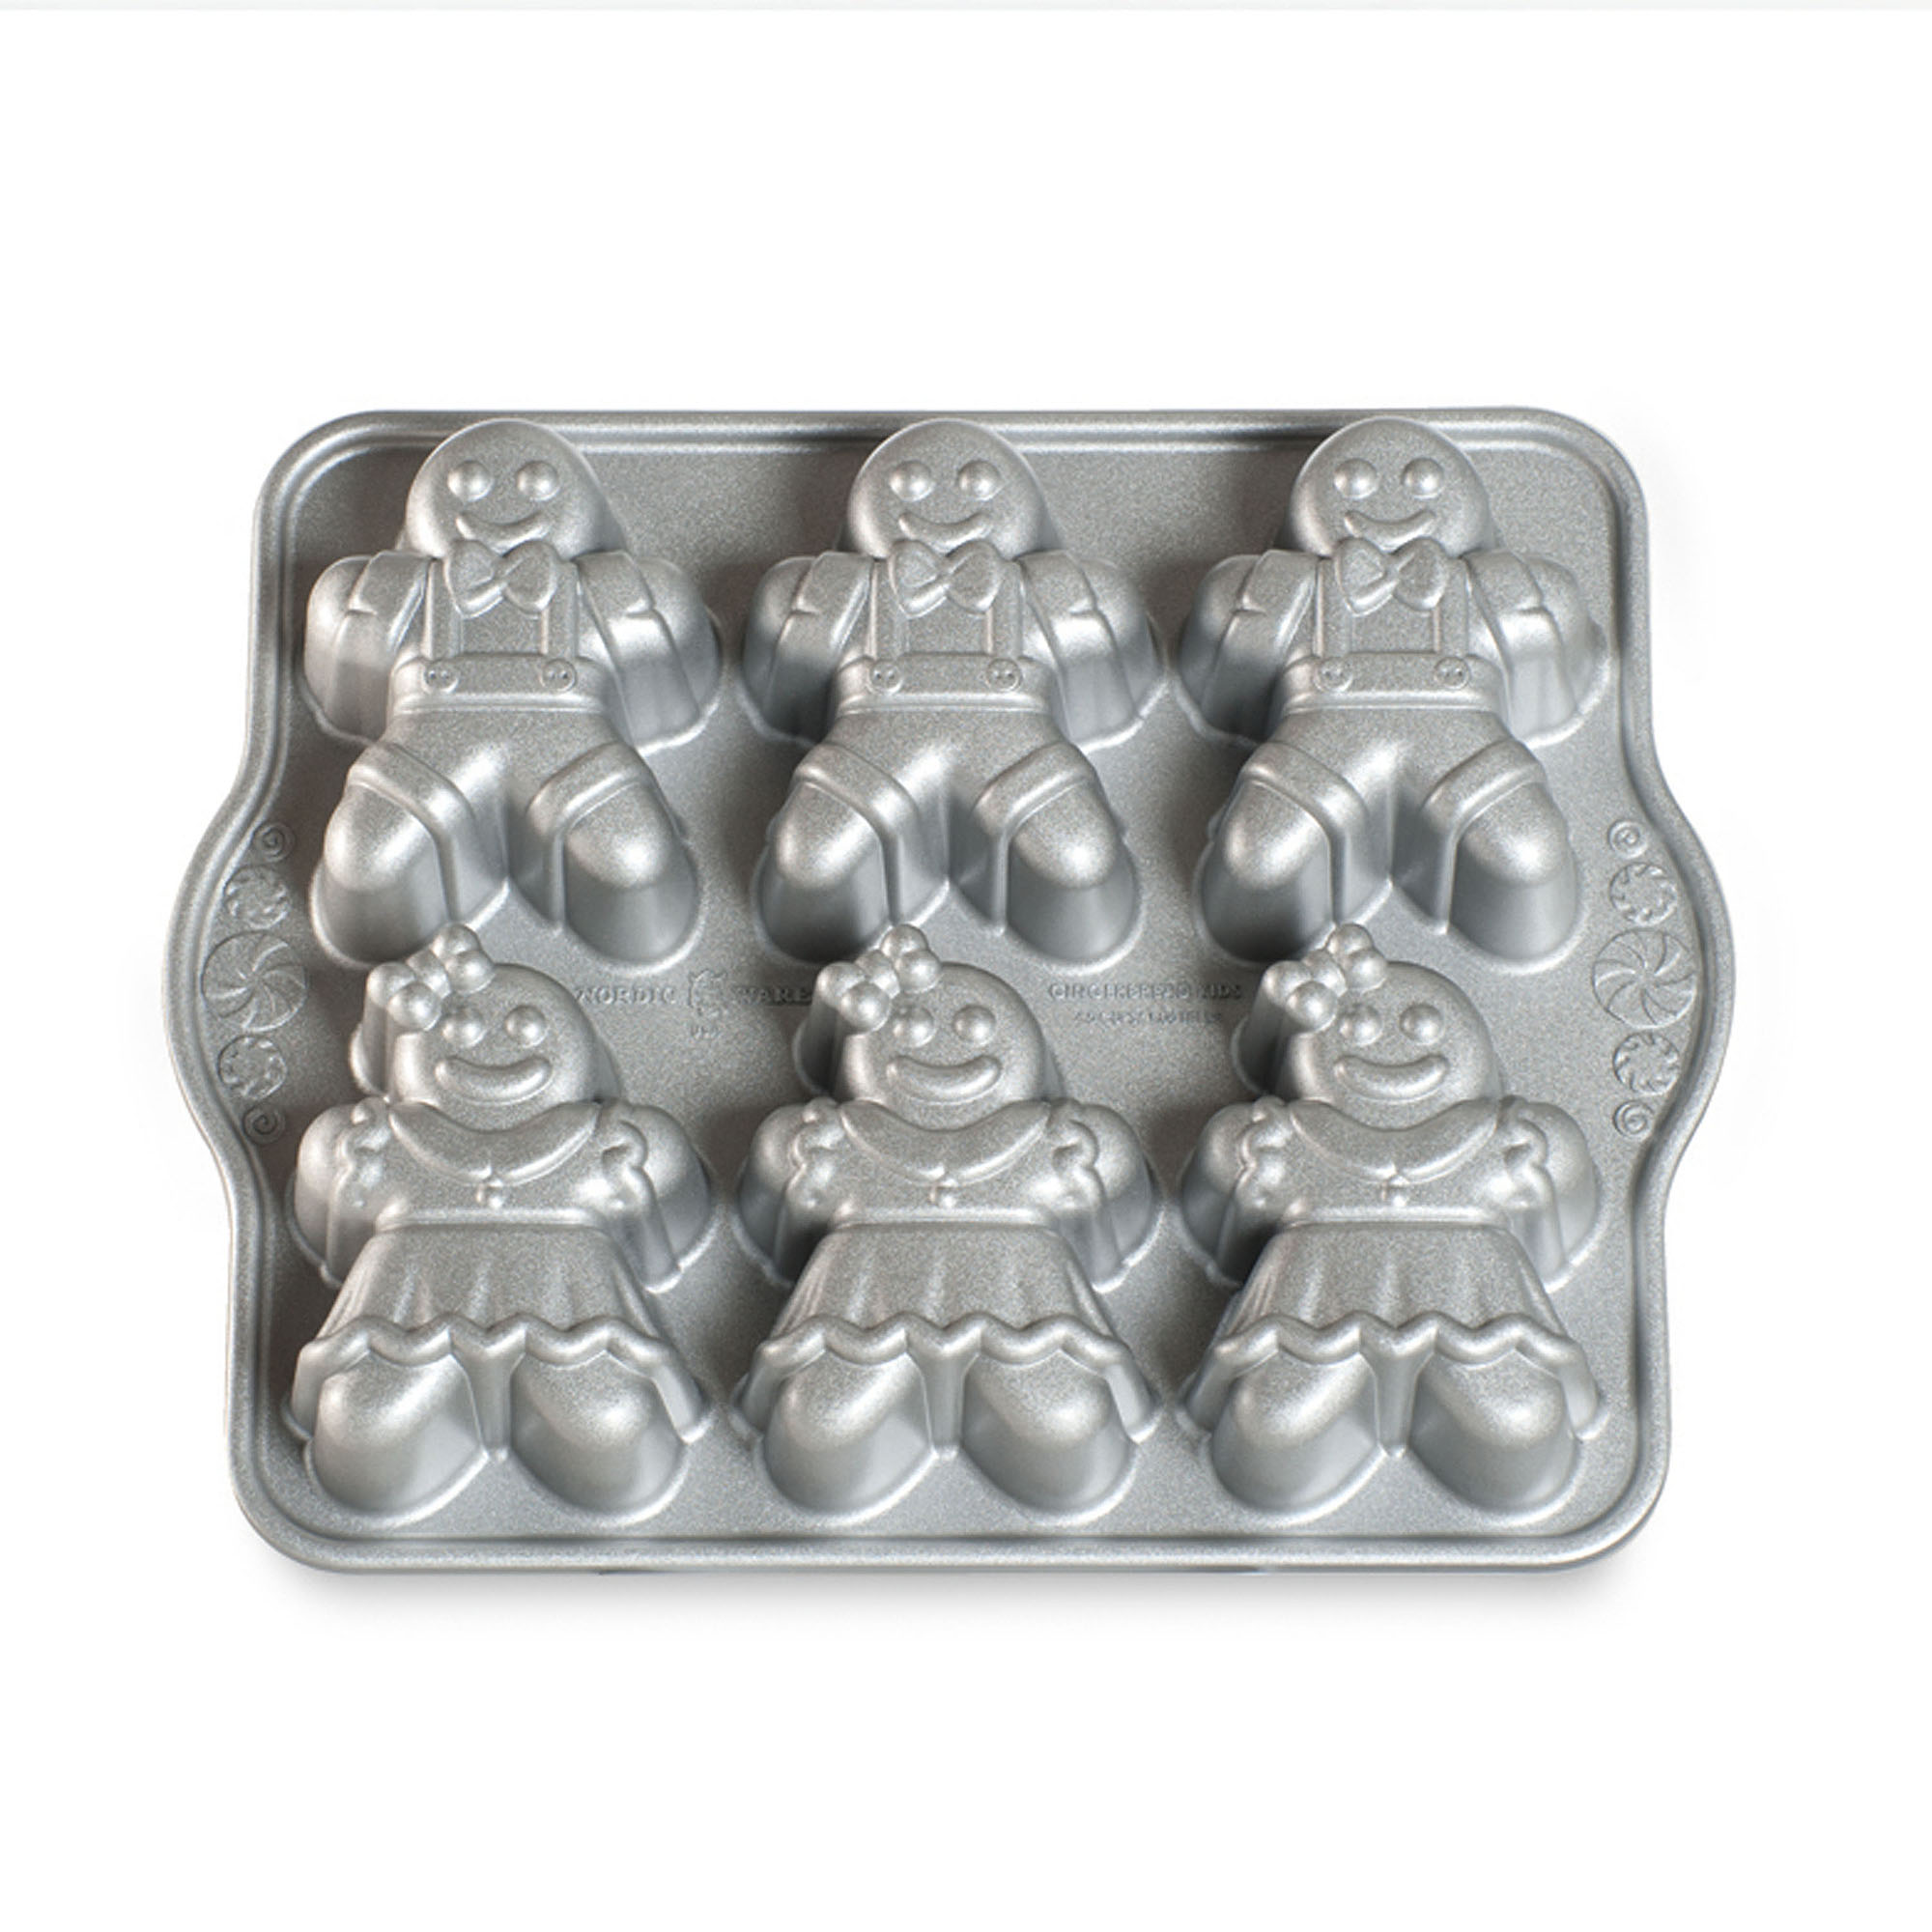 Форма для выпечки Nordic ware Пряничные человечки 1100 мл makers ware